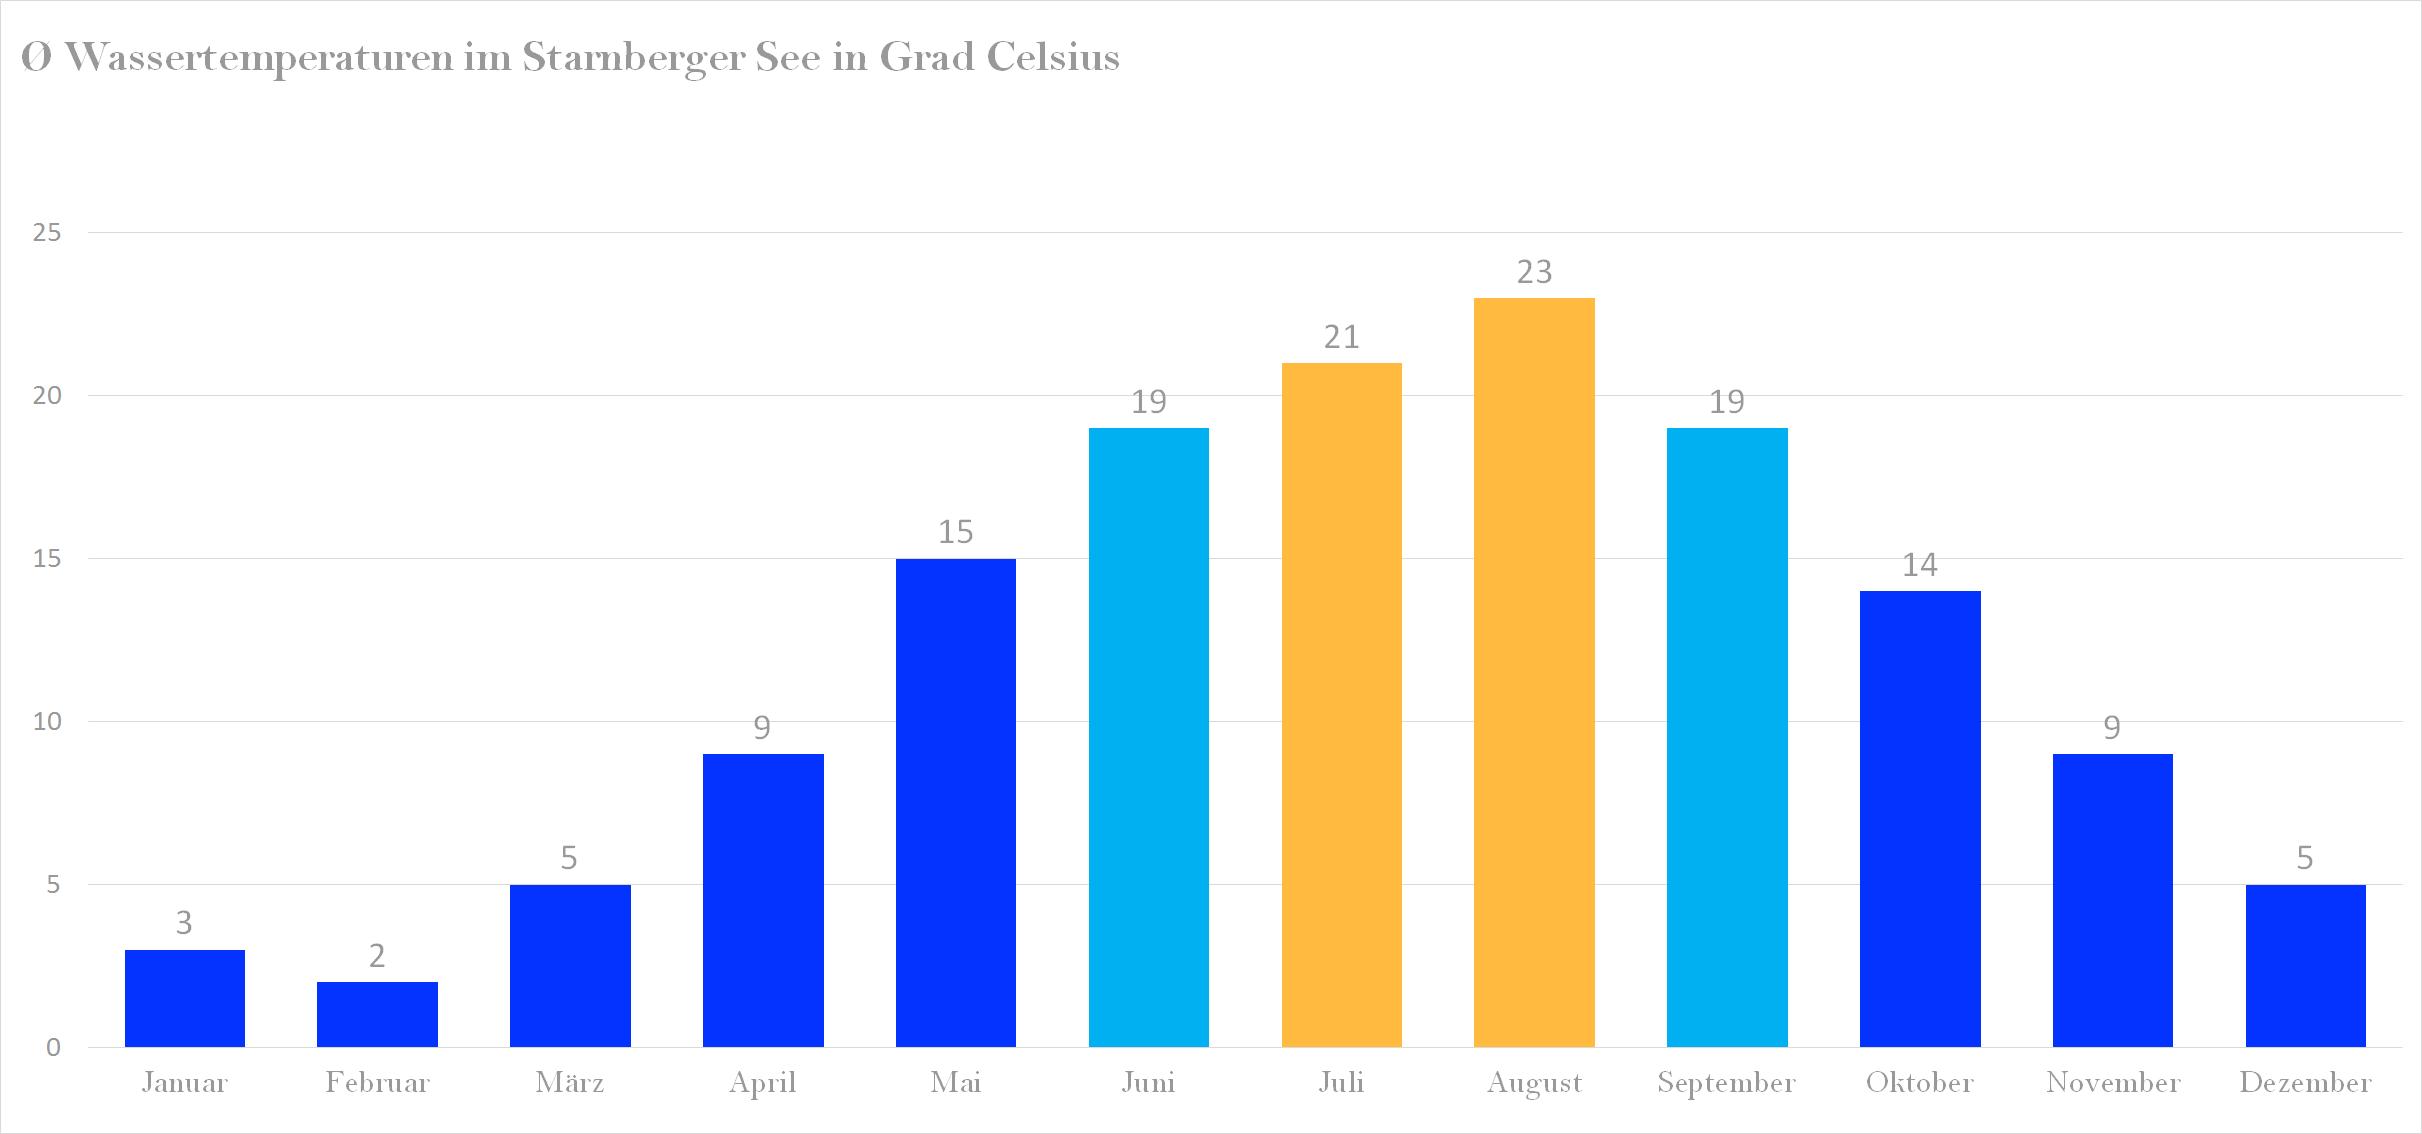 Durchschnittliche Wassertemperaturen im Starnberger See nach Monaten